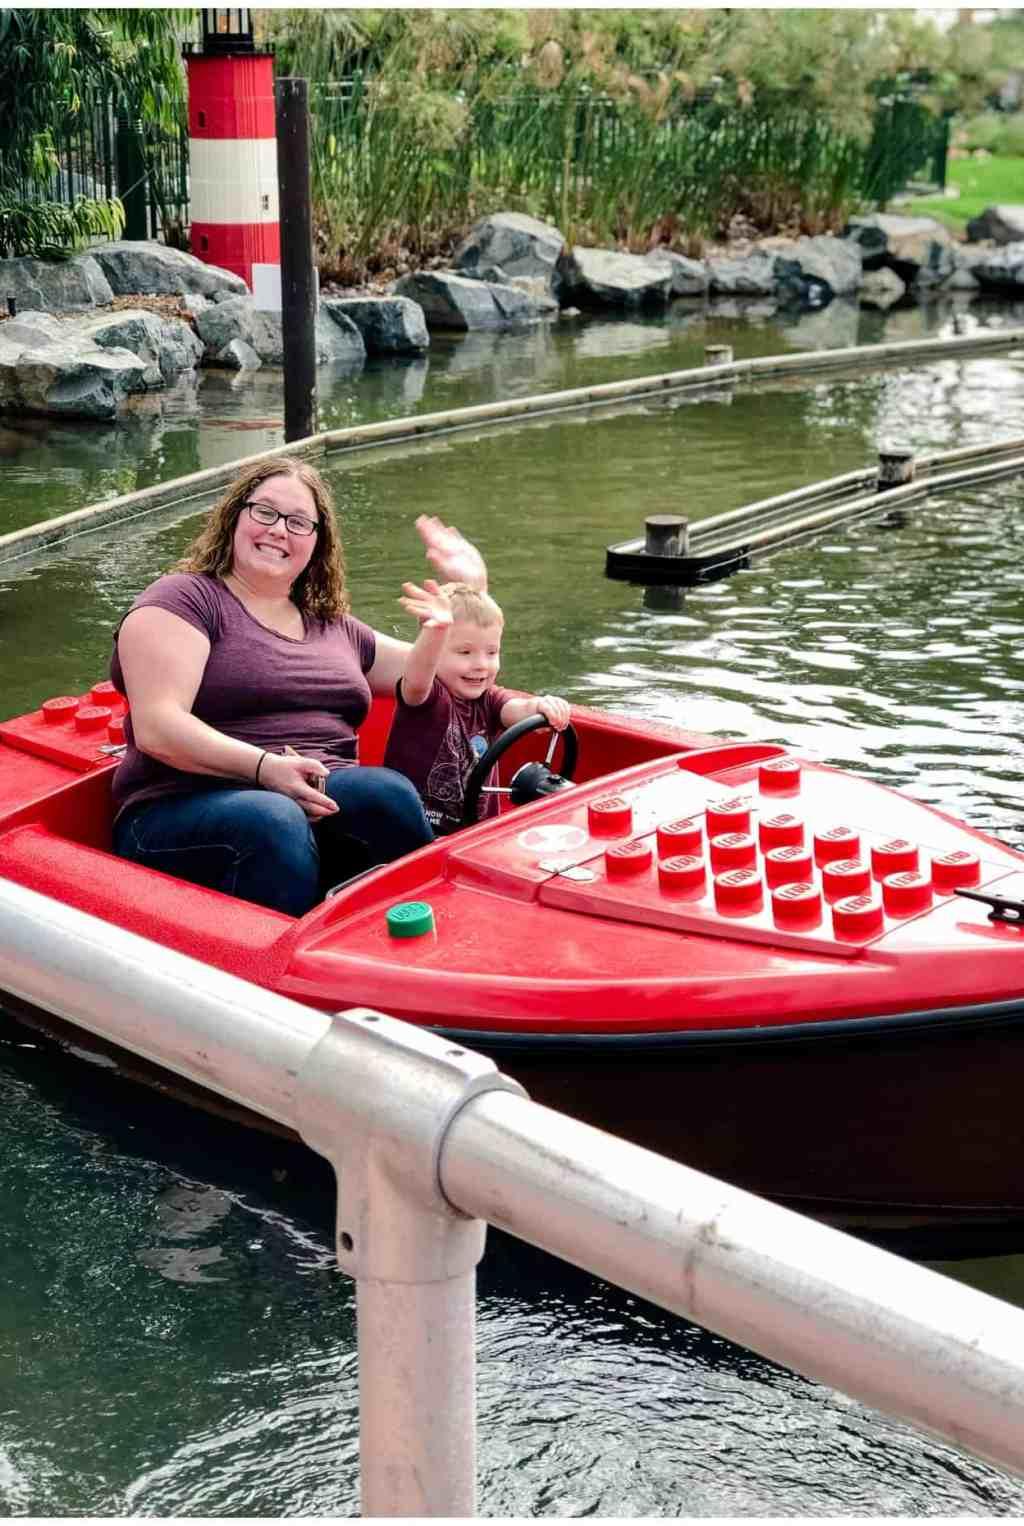 Regina Wedding Photography - Legoland California - Liske Family Travels - Legoland - Lego boats